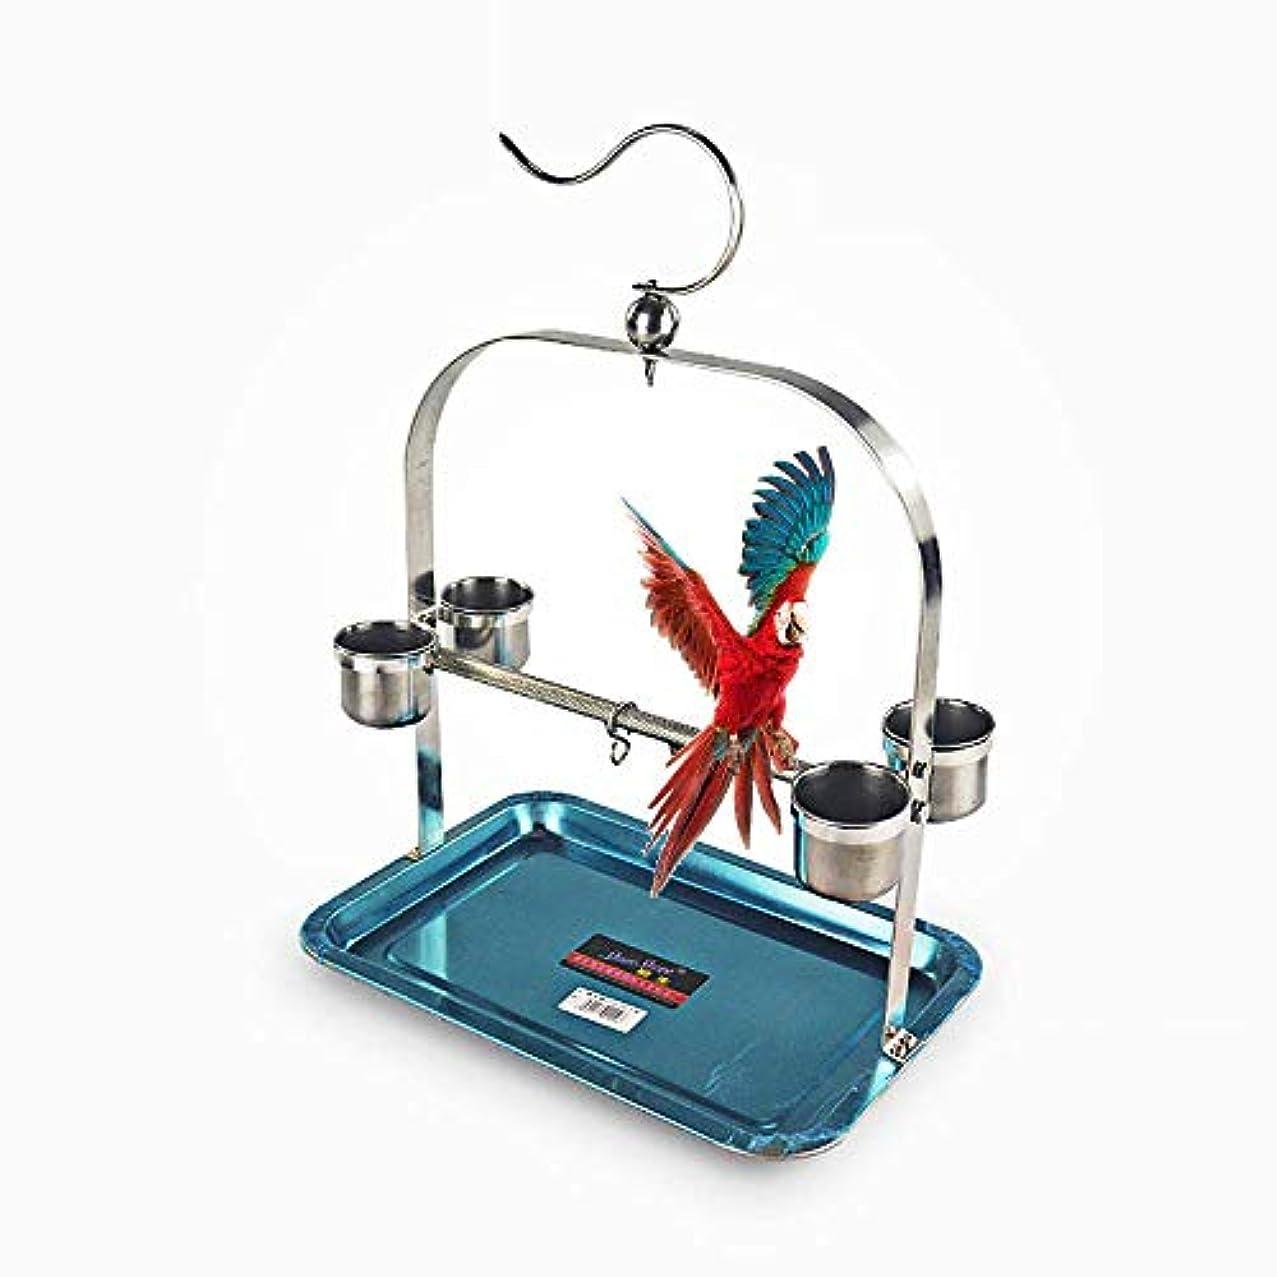 趣味フラスコ回想バードフィーダー-オウムステンレススタンドラックおもちゃ足粉砕吊り棚4フィーダーカップ付き小オカメインコ用